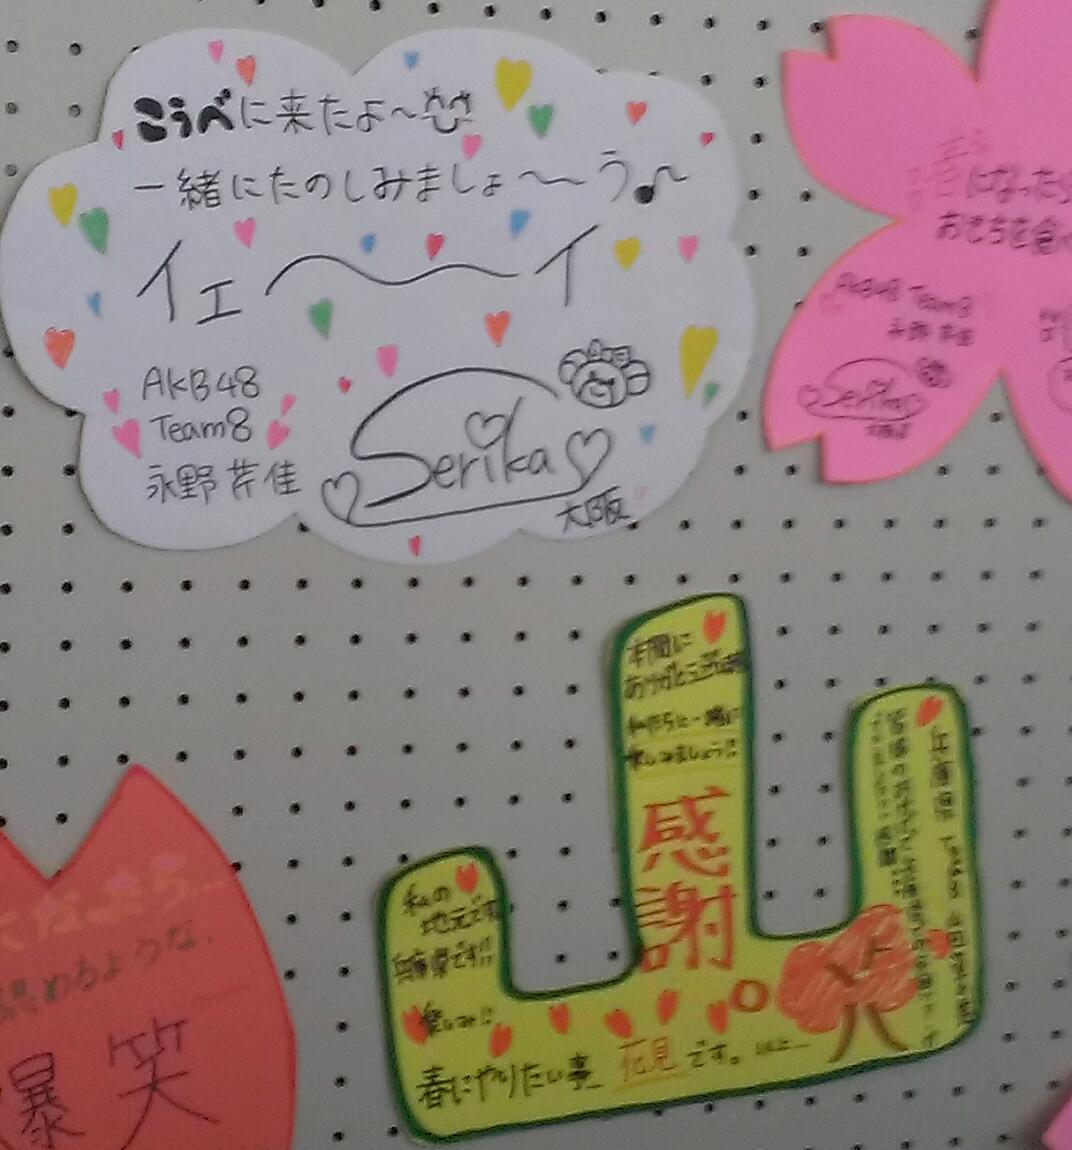 AKB48 チーム8 神戸公演に行ってきた!( *・ω・)ノ